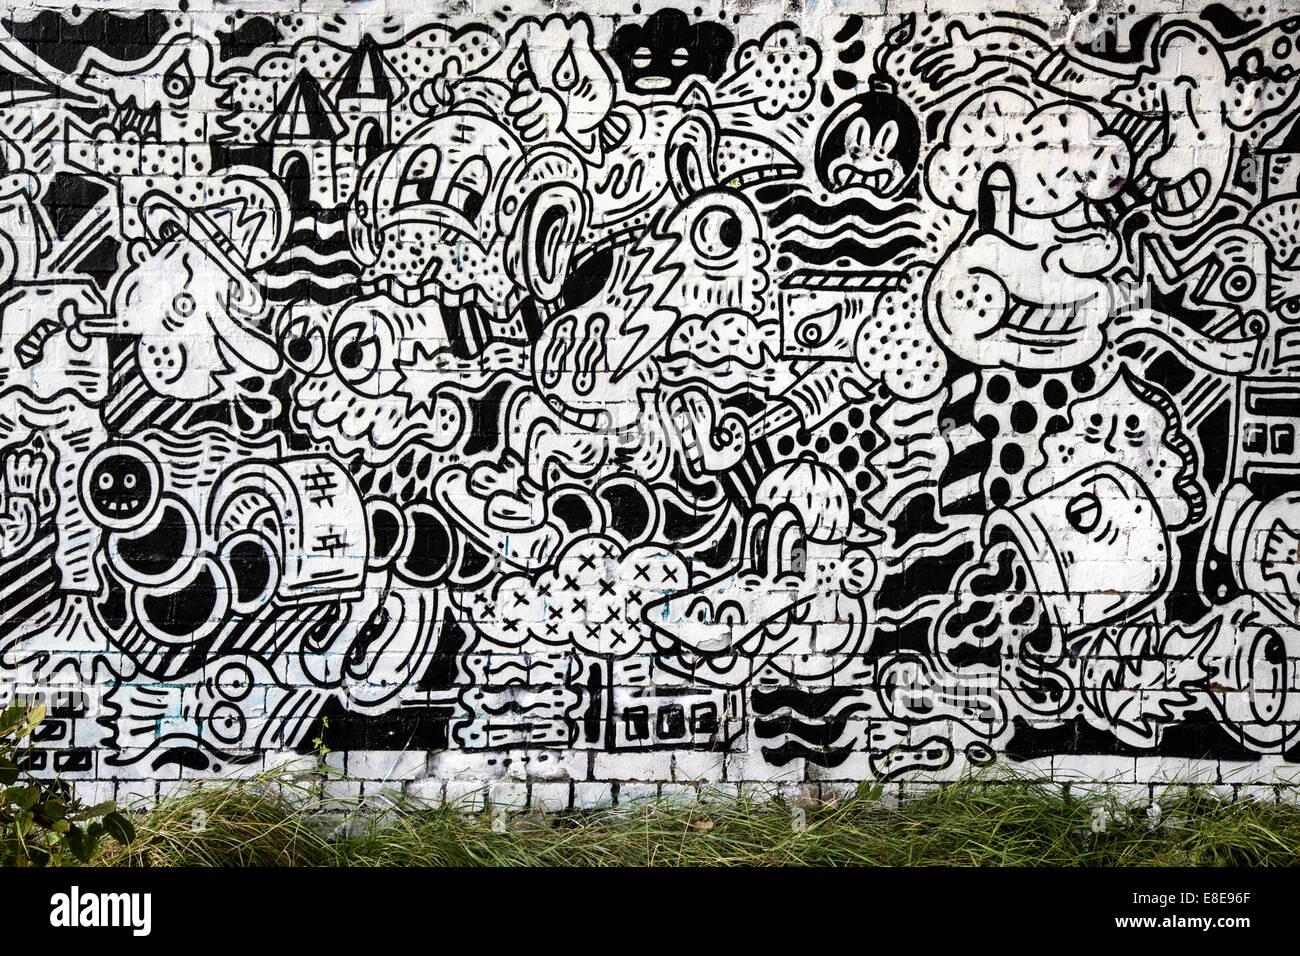 Blanco Y Negro Gigante Comic Mural De Graffiti Bajo Un Puente De